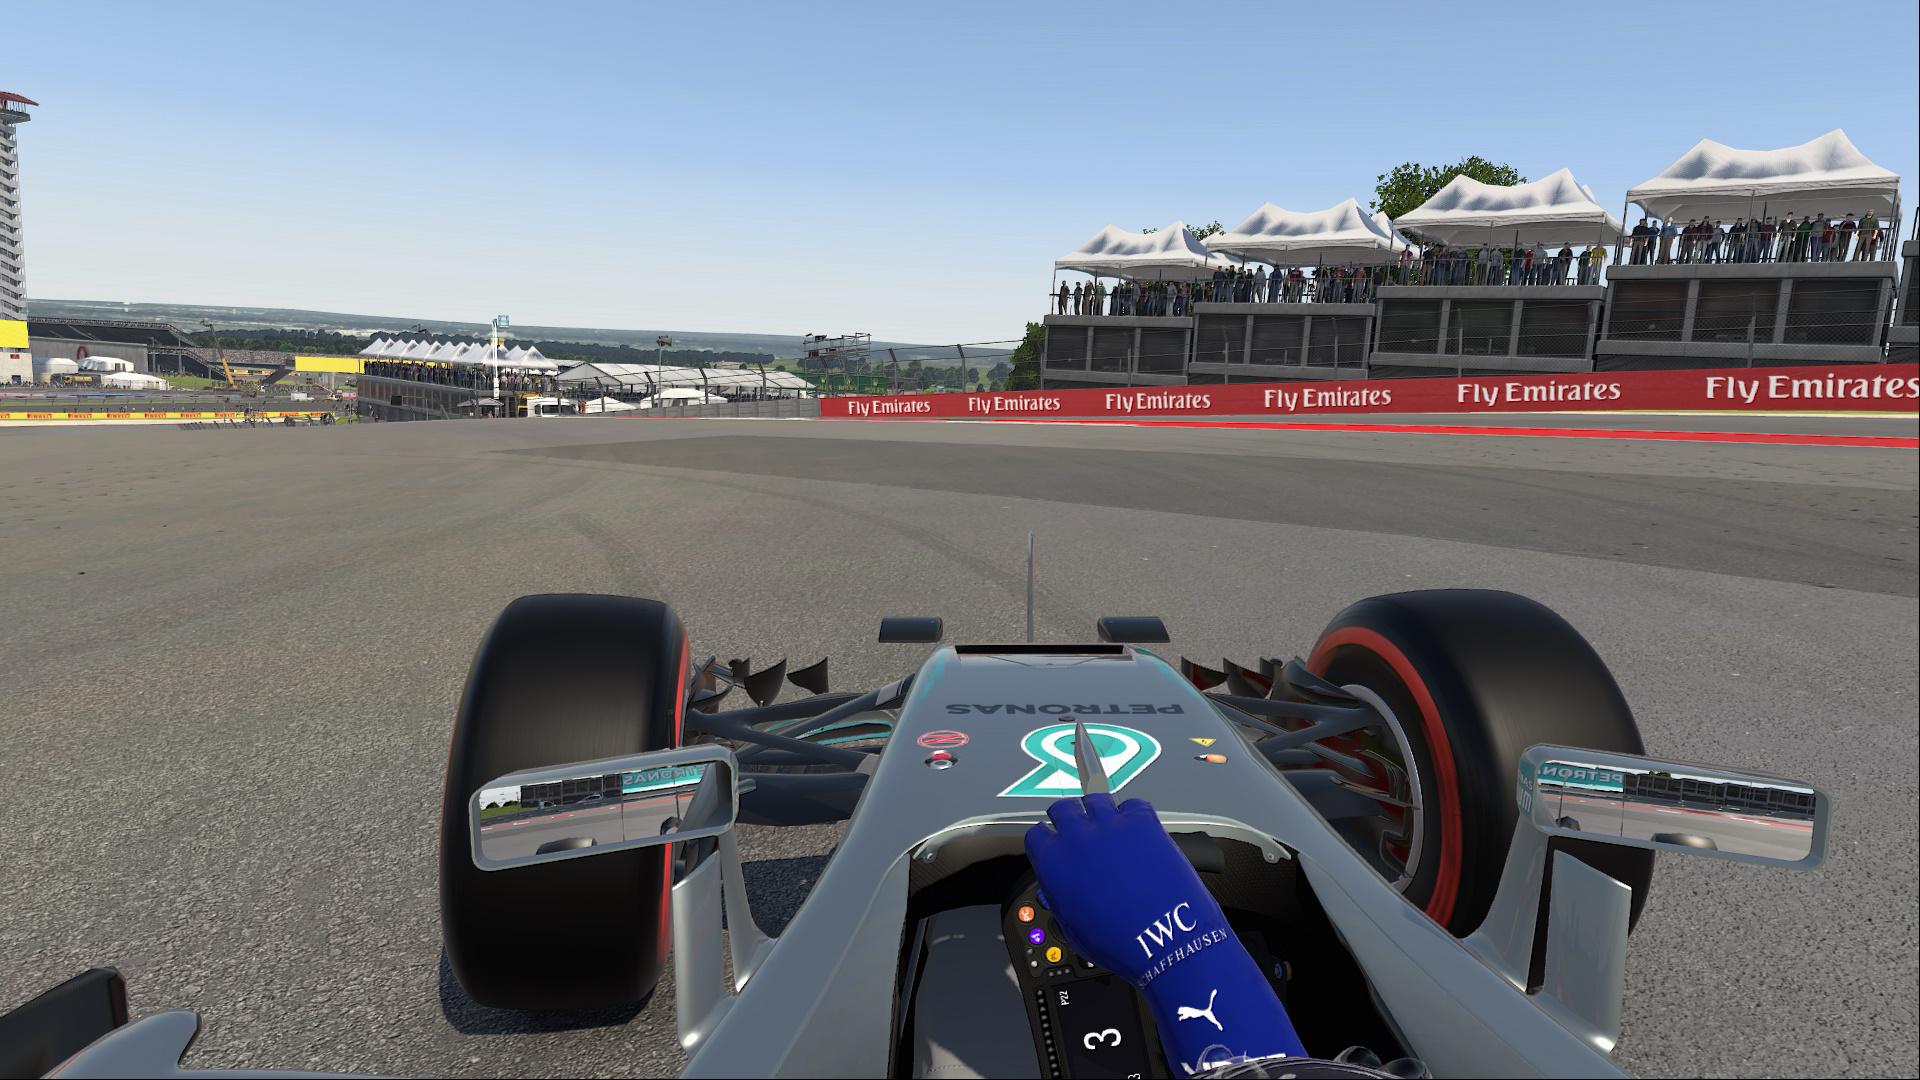 F1_2016 2017-04-17 21-23-47-635.jpg